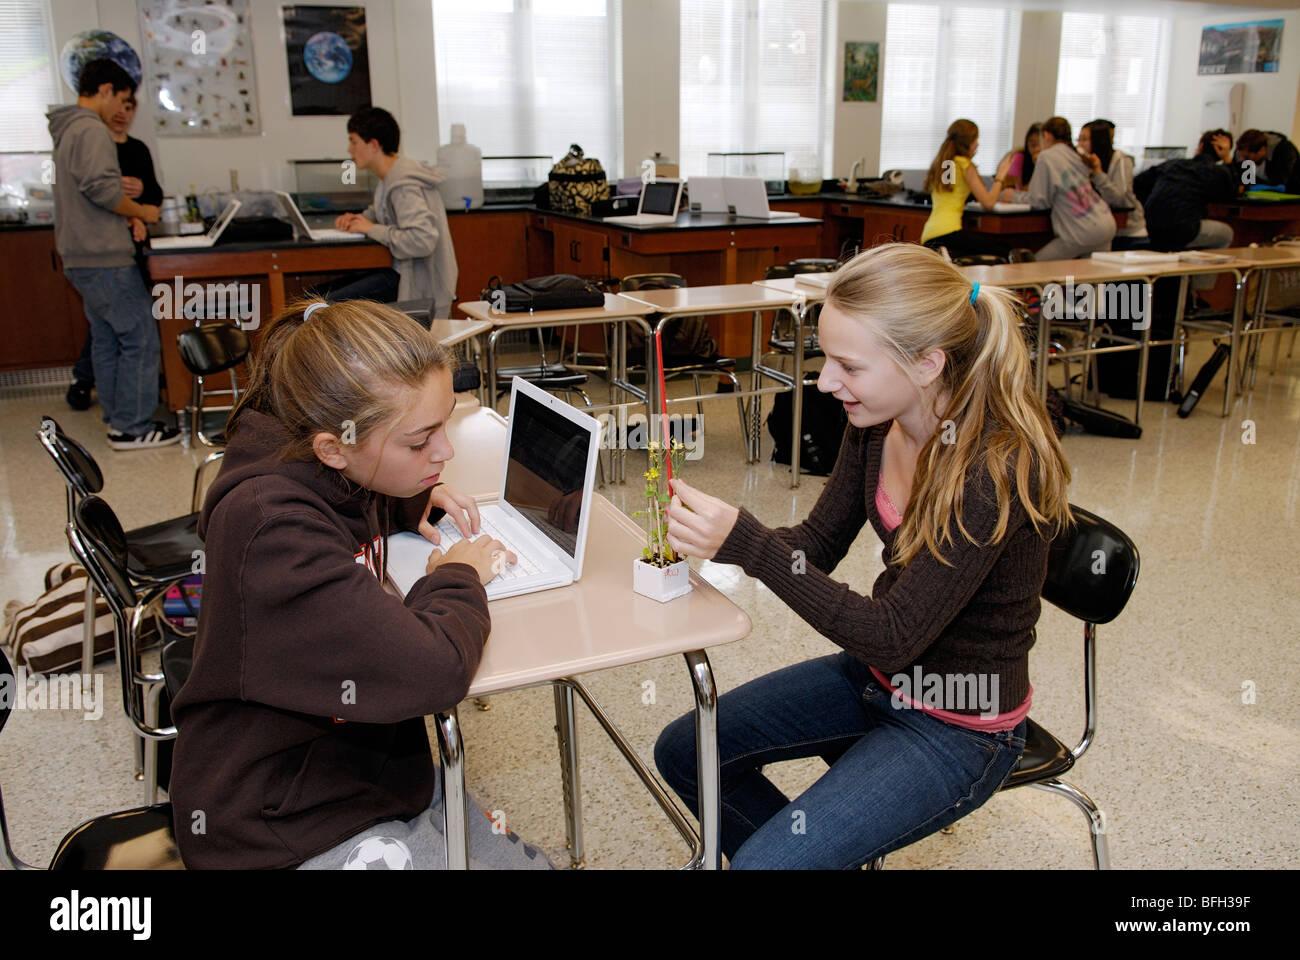 Les élèves du secondaire la collecte des données sur l'expérience d'une plante, l'apprentissage Photo Stock